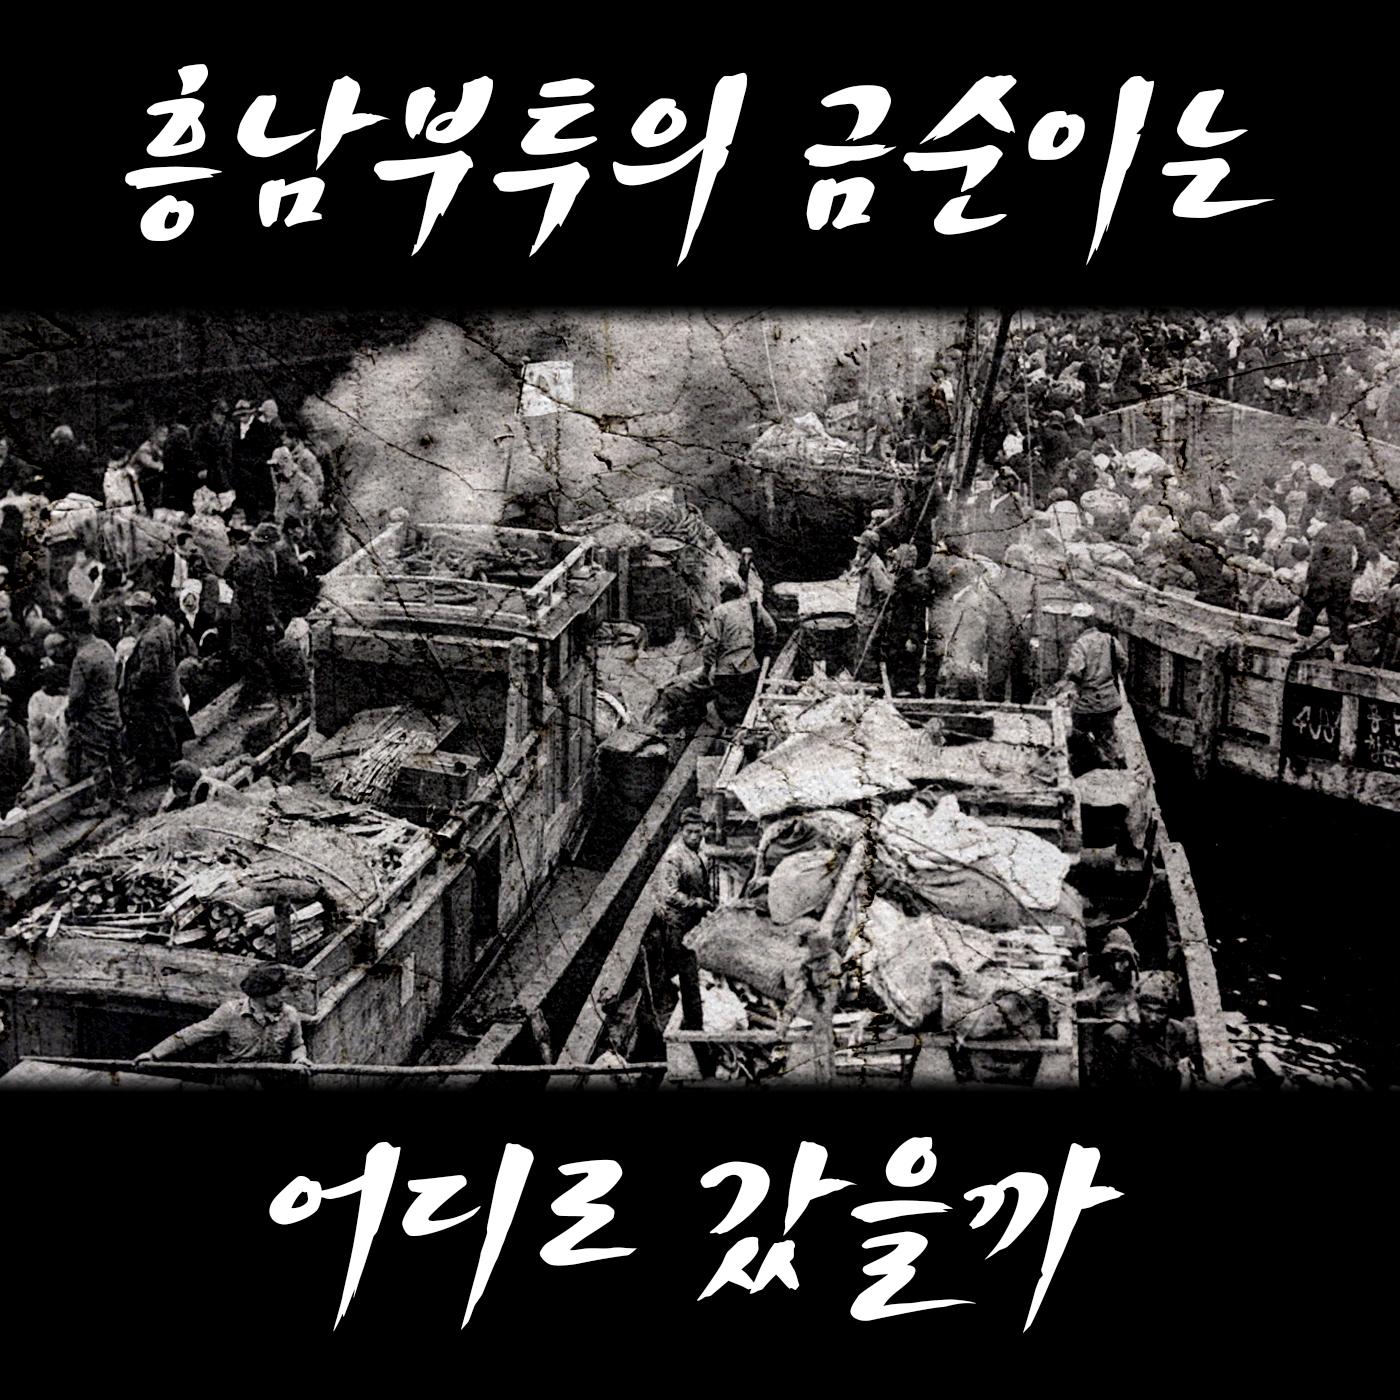 [국민라디오] 이영미의 '흥남부두의 금순이는 어디로 갔을까?'